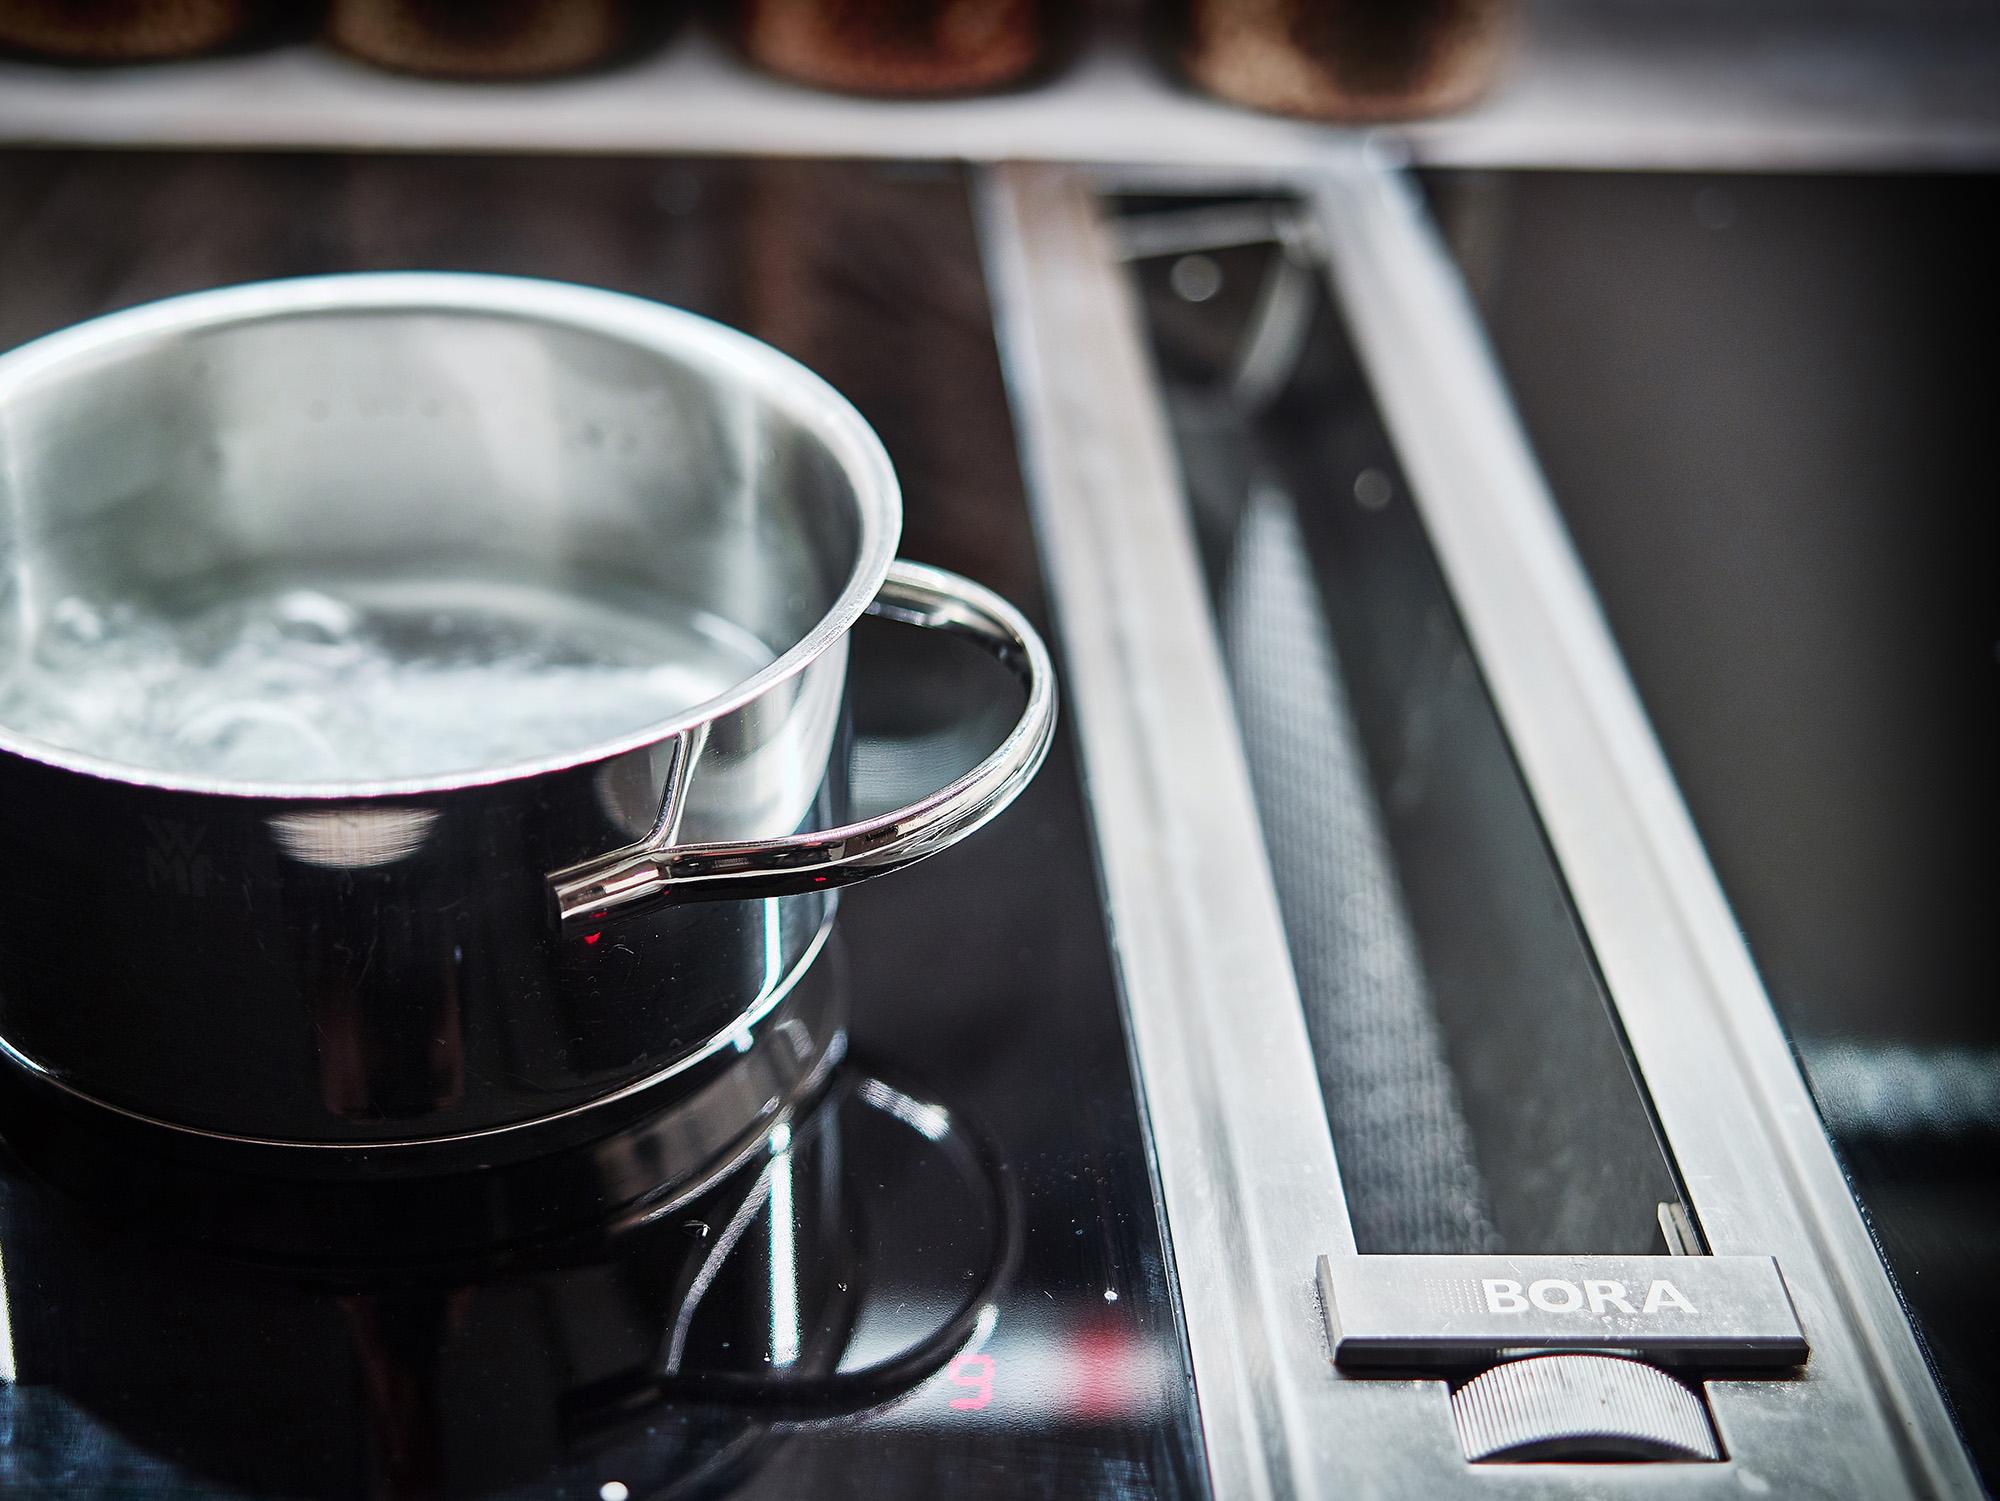 Kochfeld Für Außenküche : Der traum eines jeden gartenliebhabers außenküchen werden zu